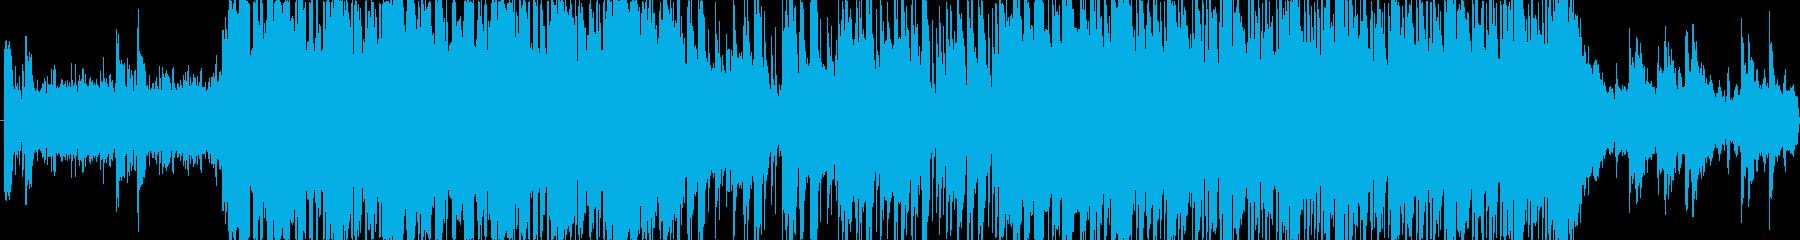 【ゲーム向け】ほのぼのとした街BGMの再生済みの波形